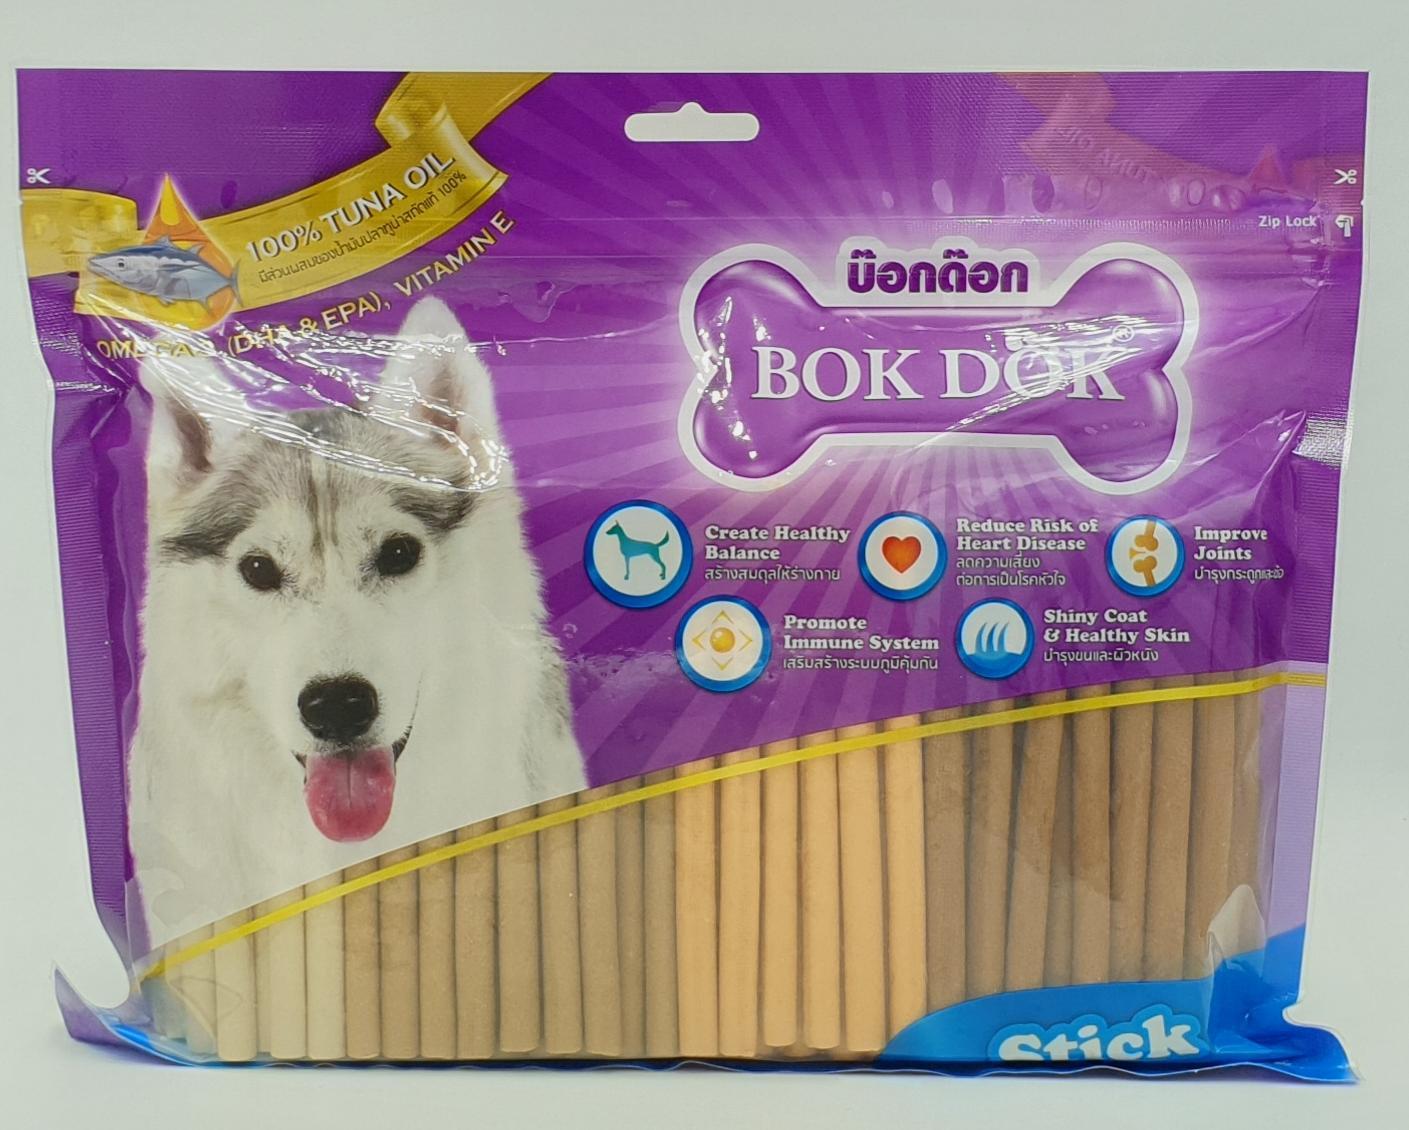 ส่วนลด Lazada ลดถึง22% สำหรับผลิตภัณฑ์ Bokdok Stick ขนมสำหรับน้องหมารวมรส 1กิโล